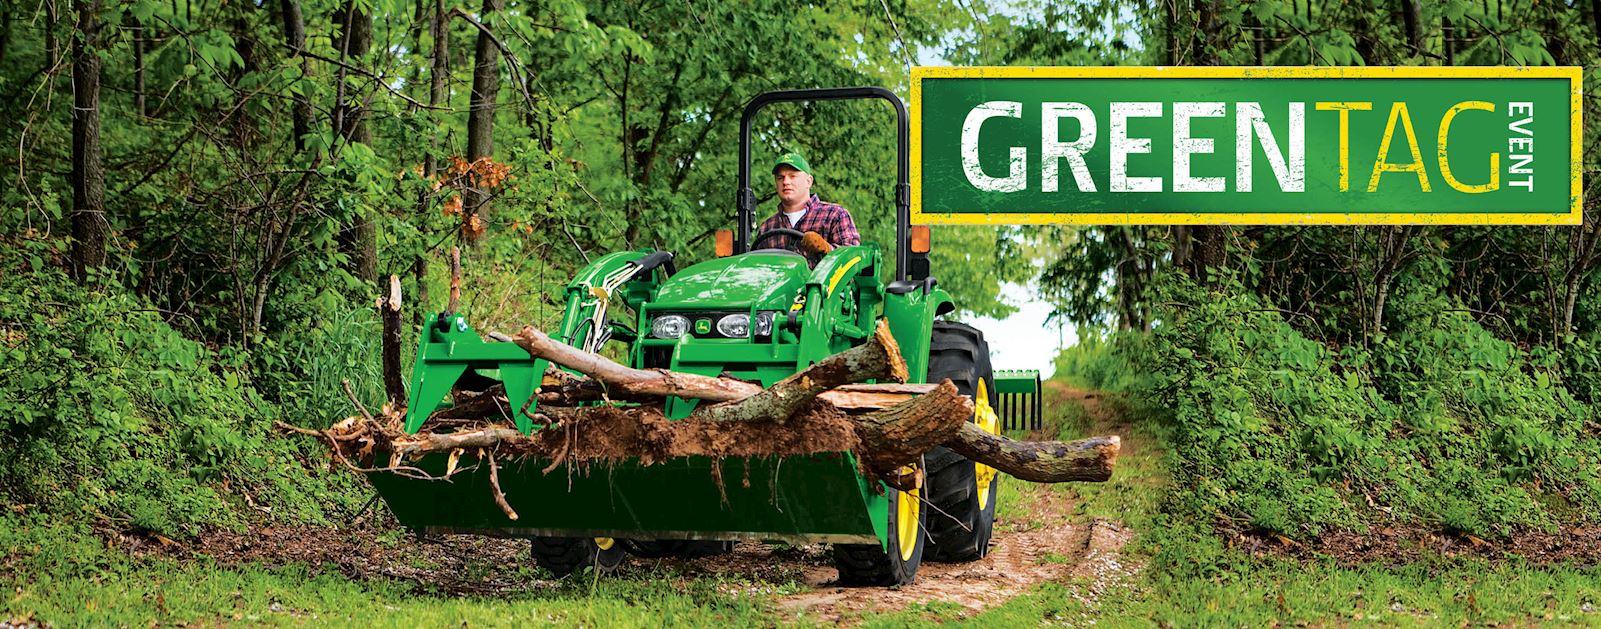 John Deere 44 horsepower tractor special